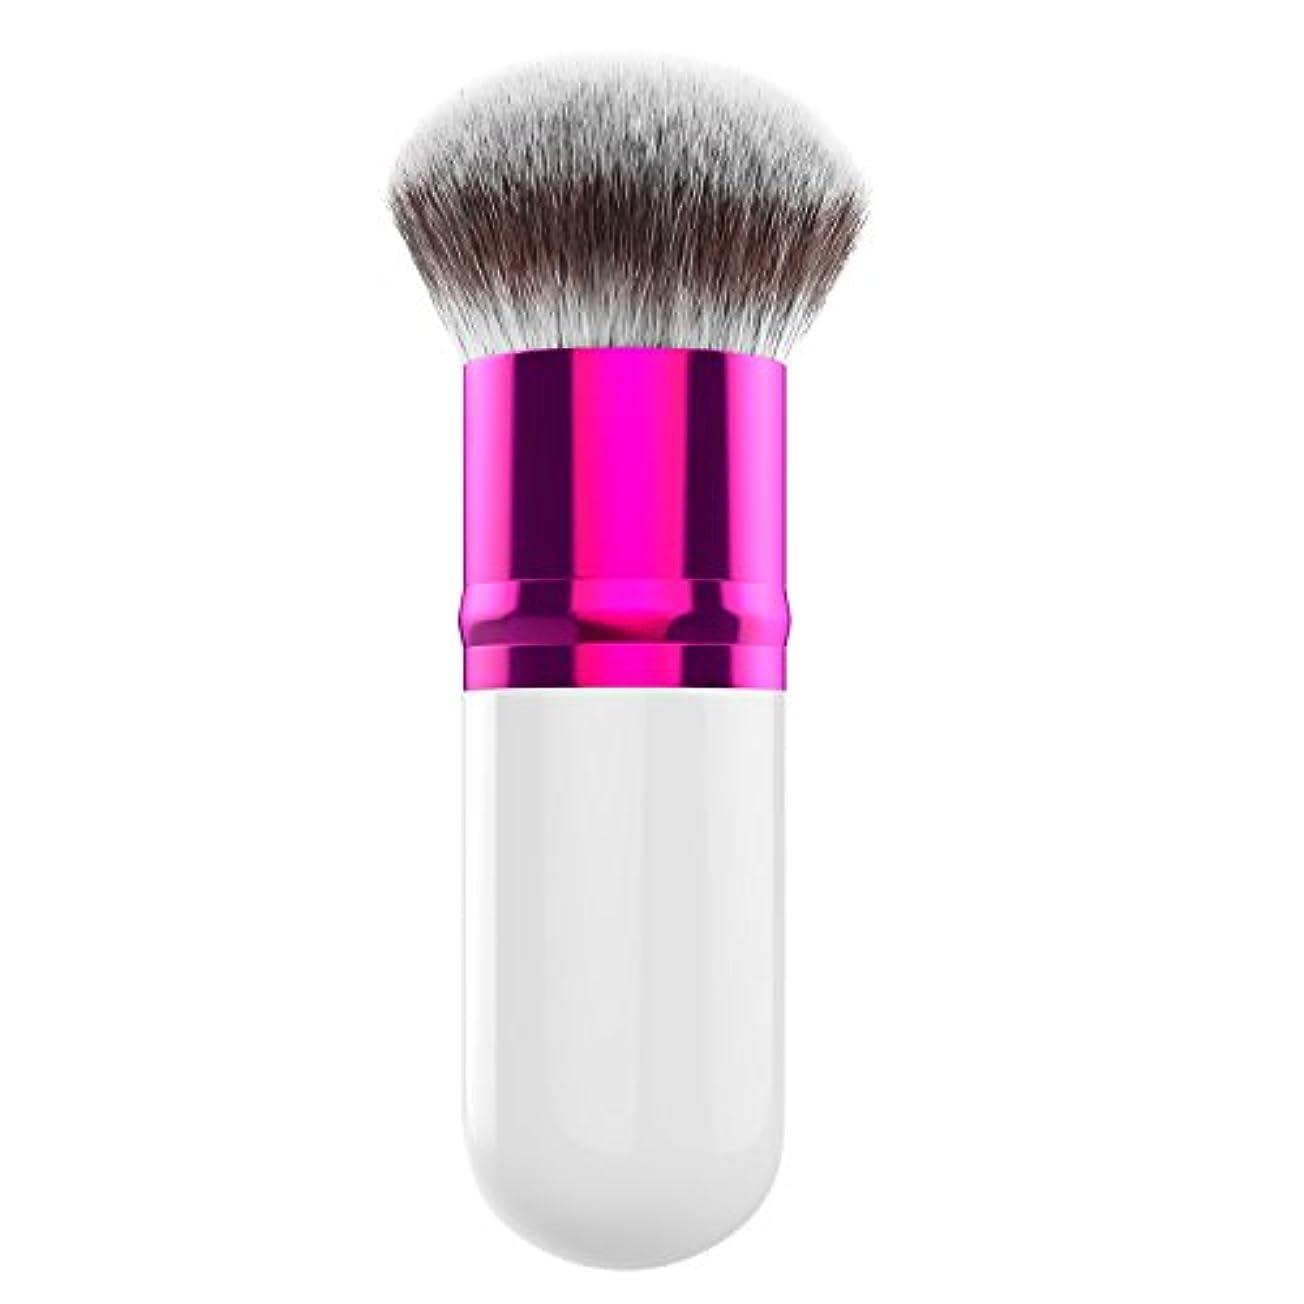 誤解また明日ね五十ファンデーションブラシ - Luxspire メイクブラシ 化粧筆 コスメブラシ 繊細な人工毛 毛質やわらかい 肌に優しい - Magenta